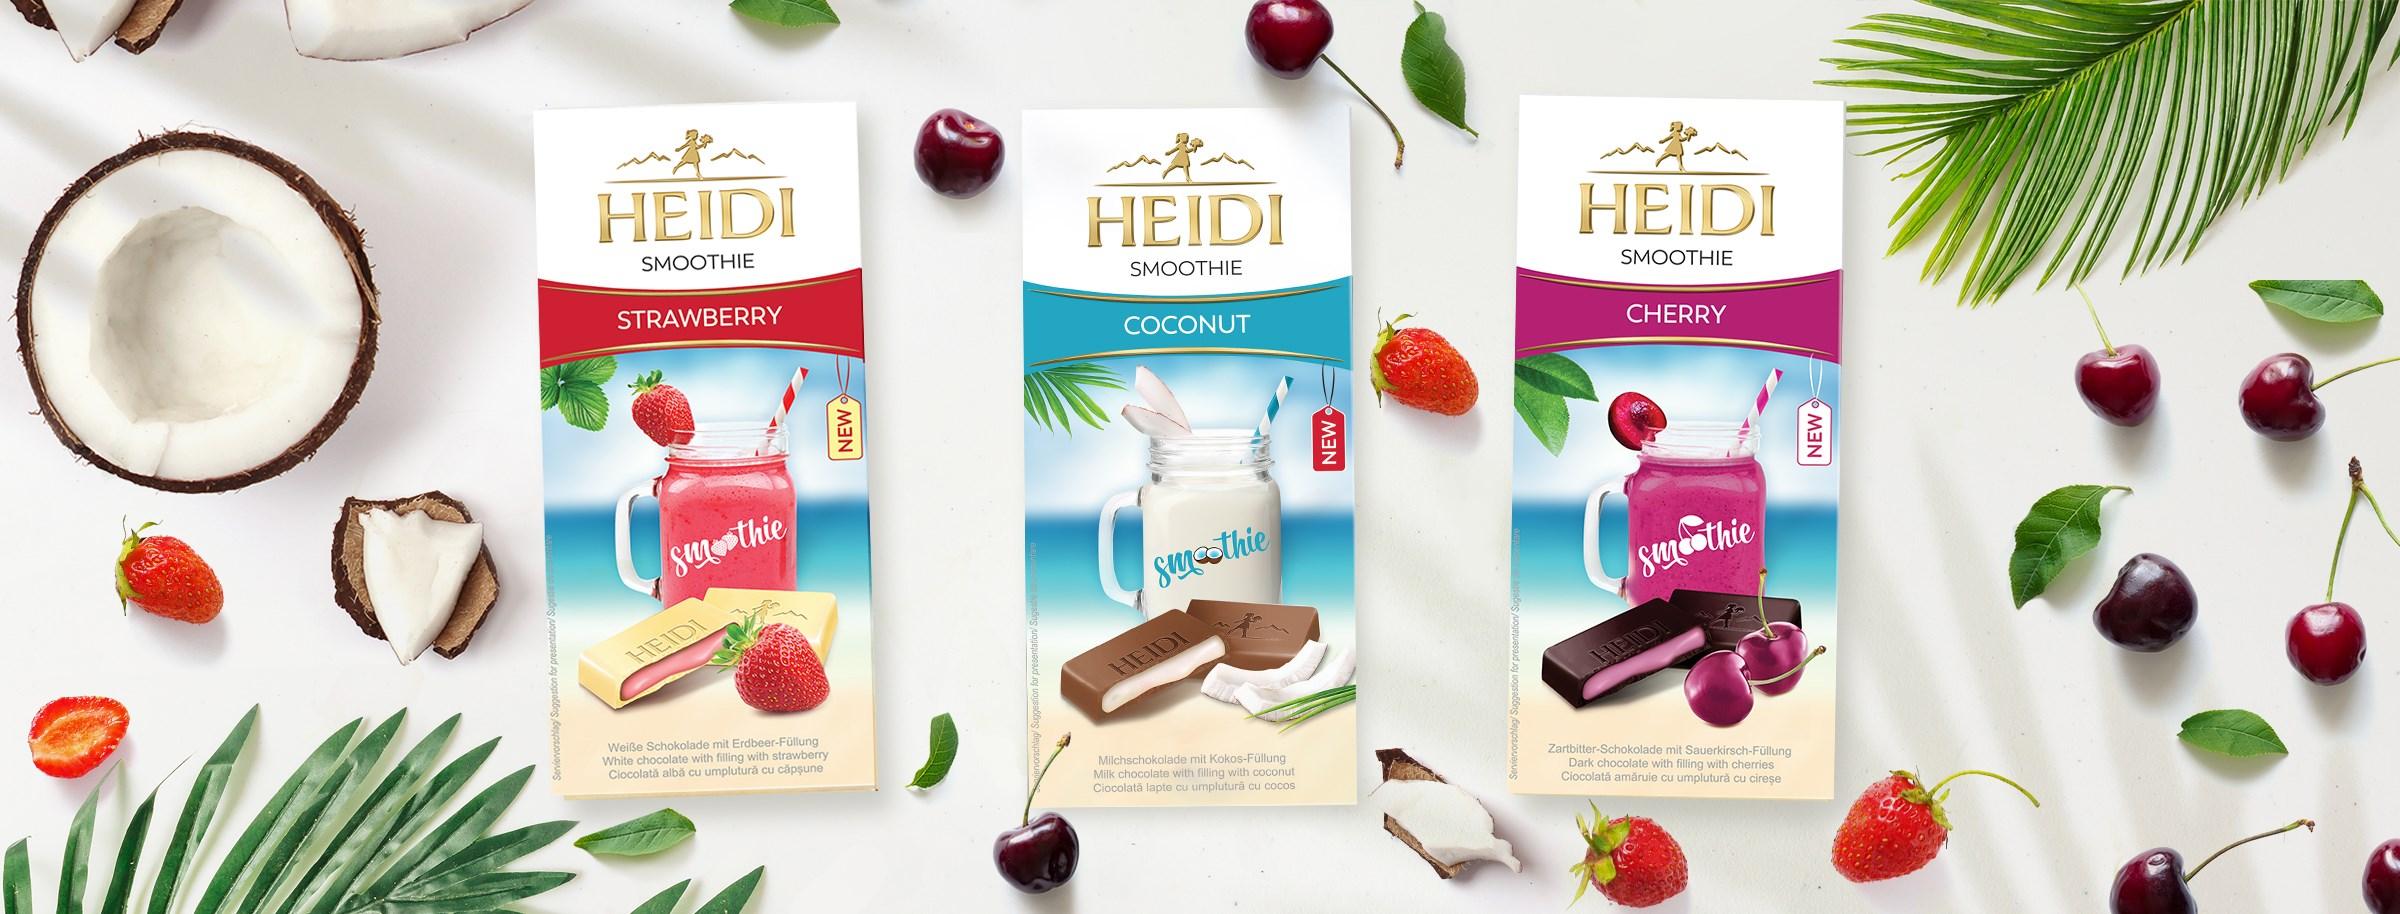 קיץ מתוק - שוקולד היידי